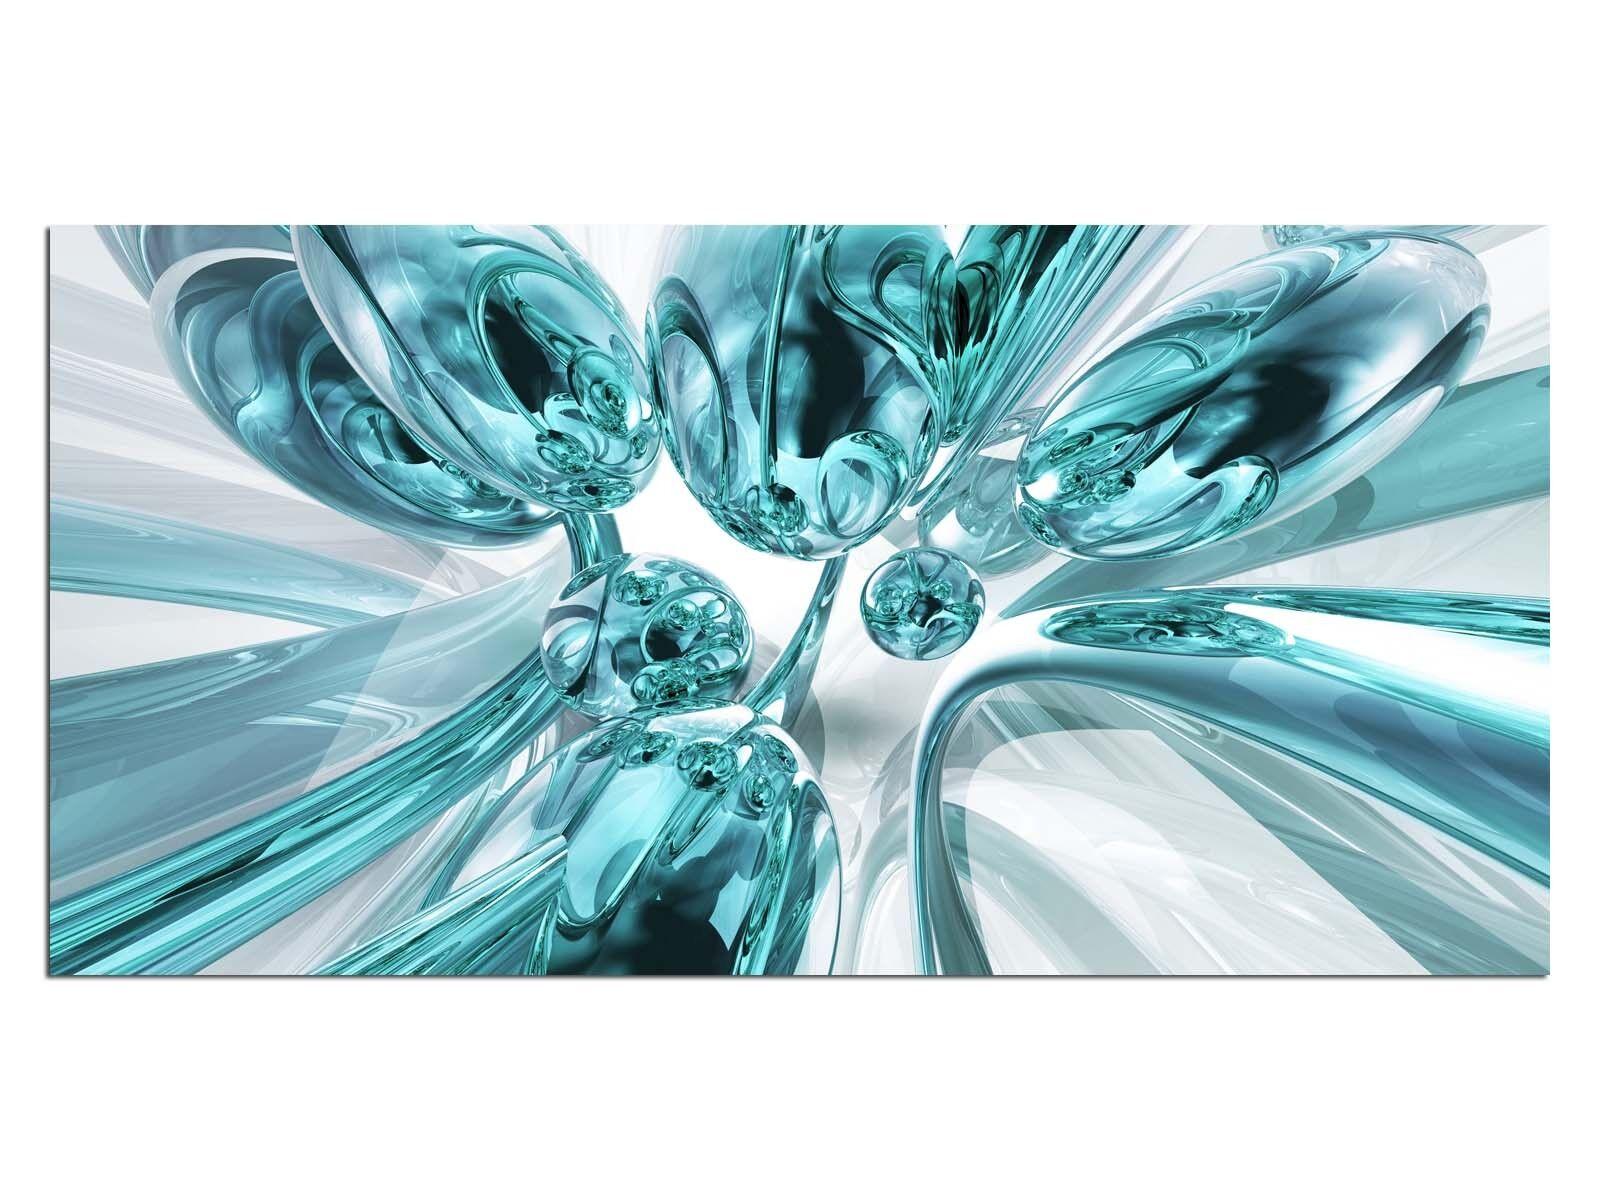 HD Glasbild EG4100500707 BUBBLES DESIGN TÜRKIS 100 x 50 cm Wandbild ABSTRAKT